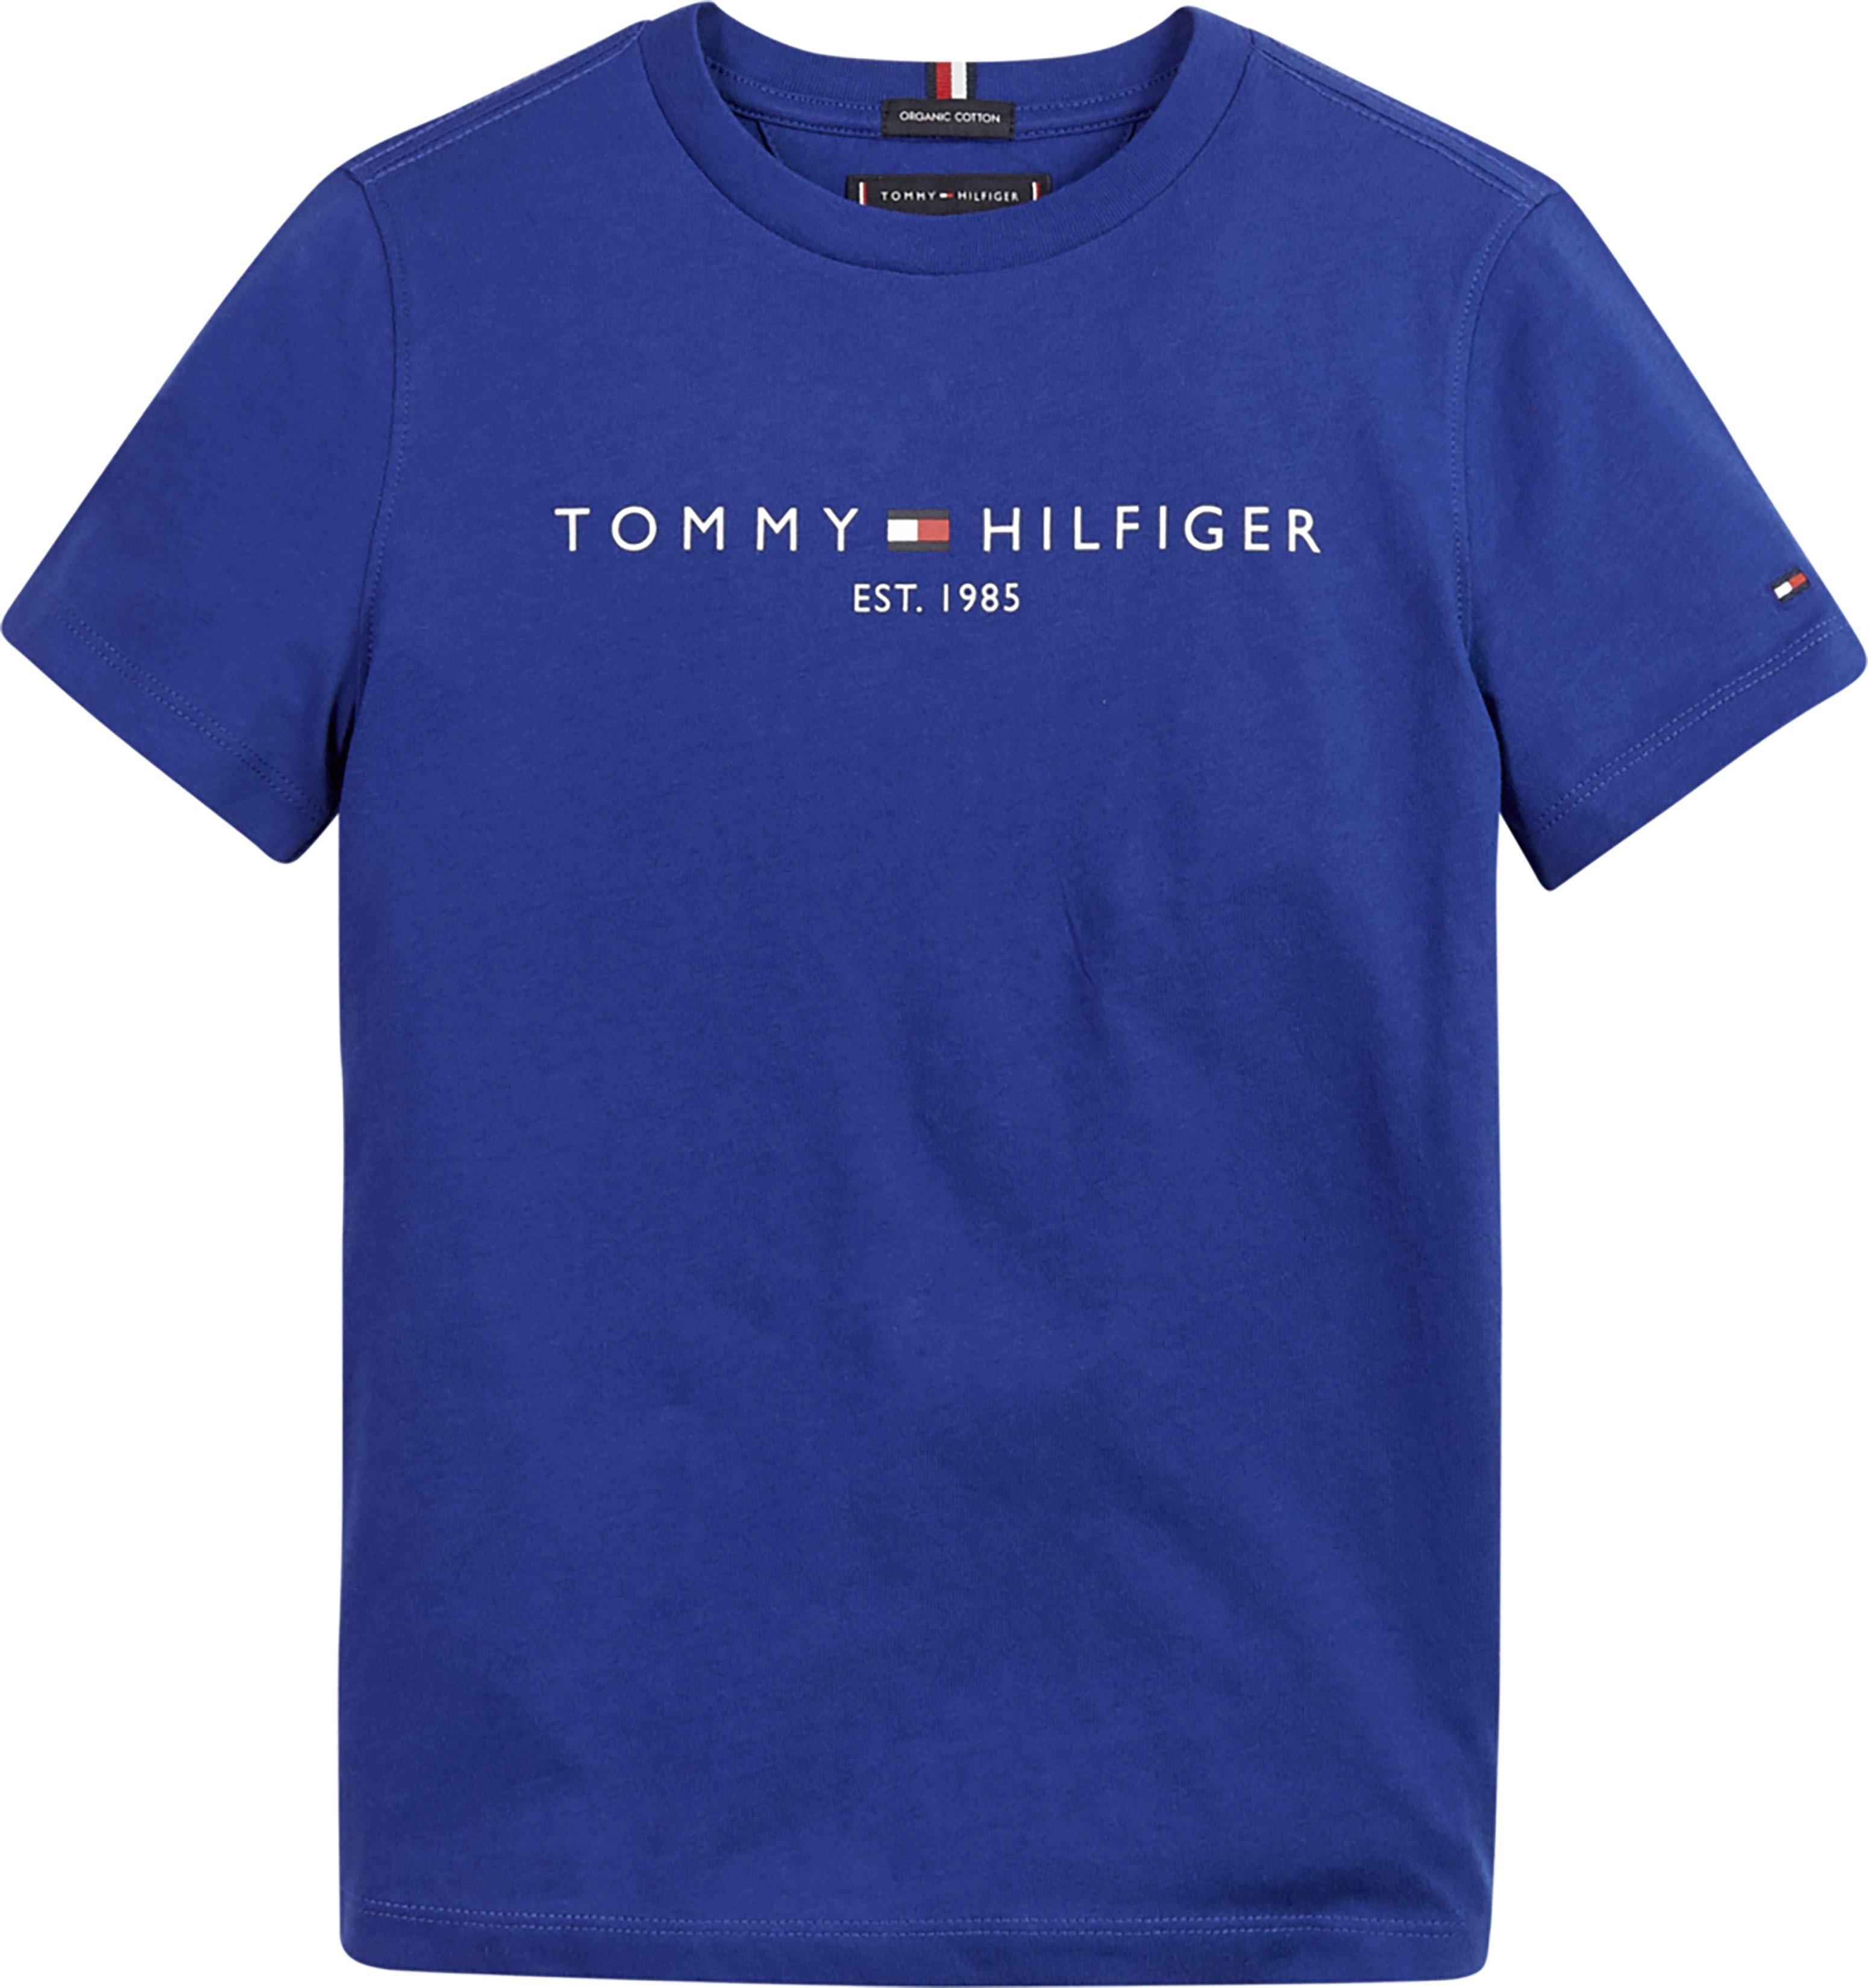 Op zoek naar een Tommy Hilfiger T-shirt? Koop online bij OTTO